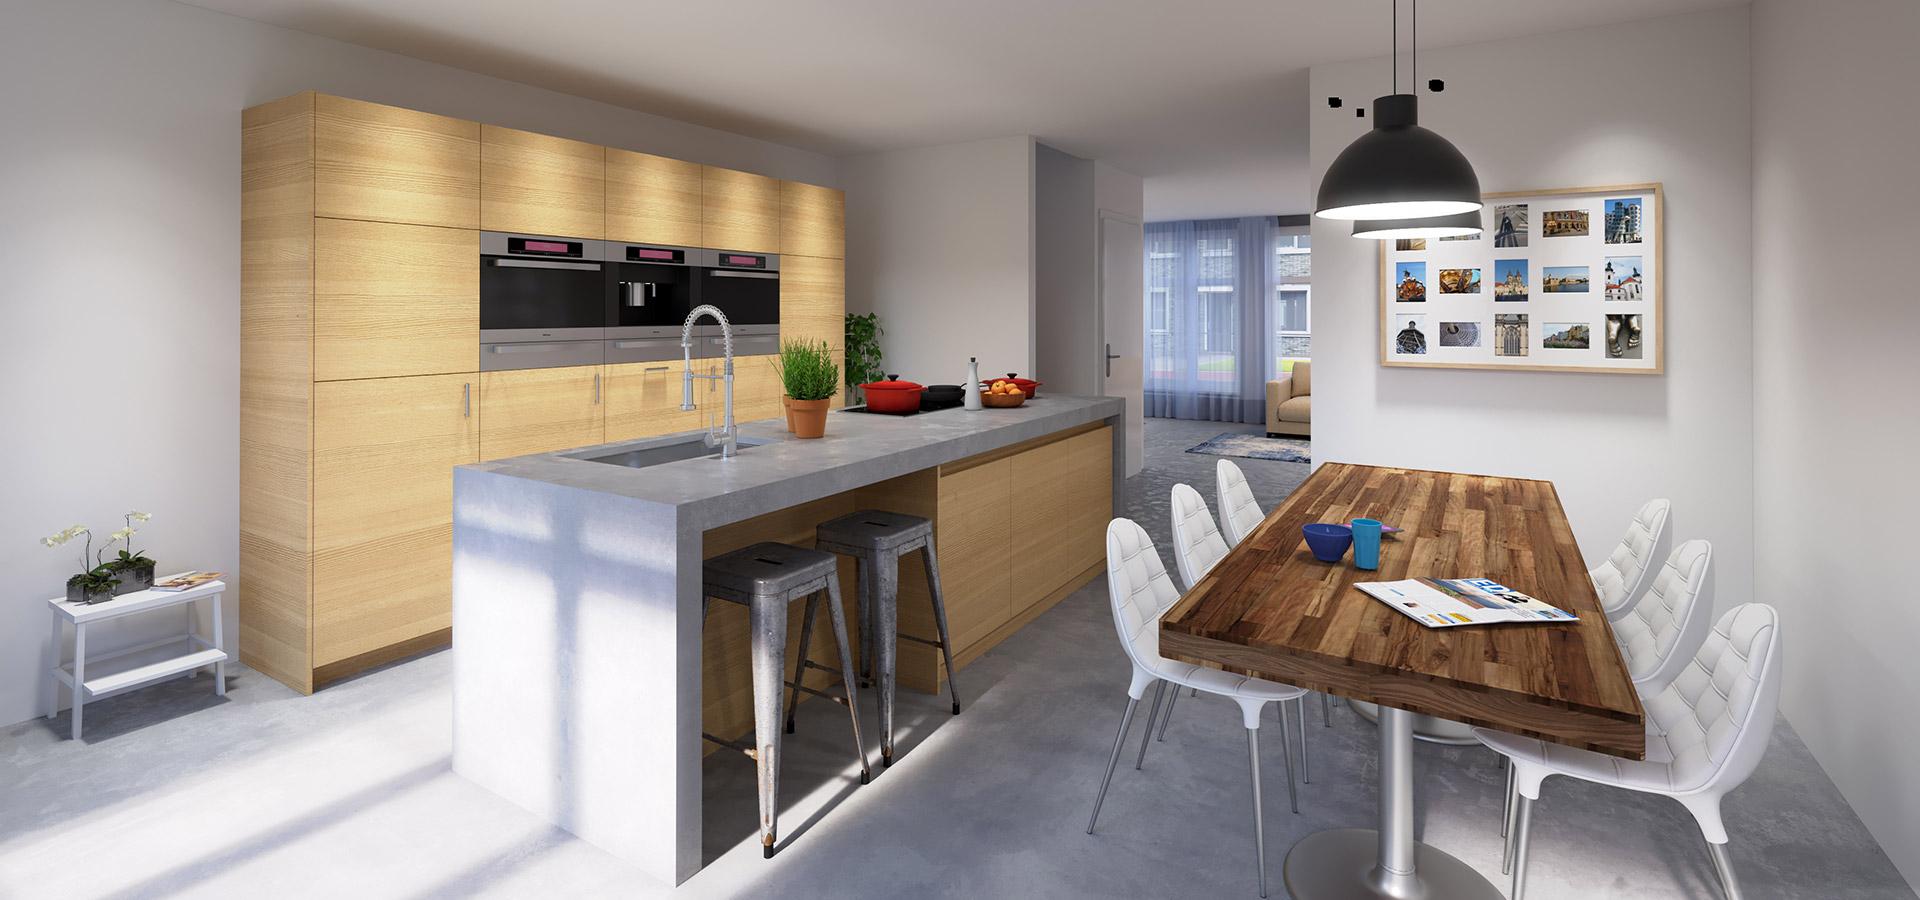 Interieur keuken (2)